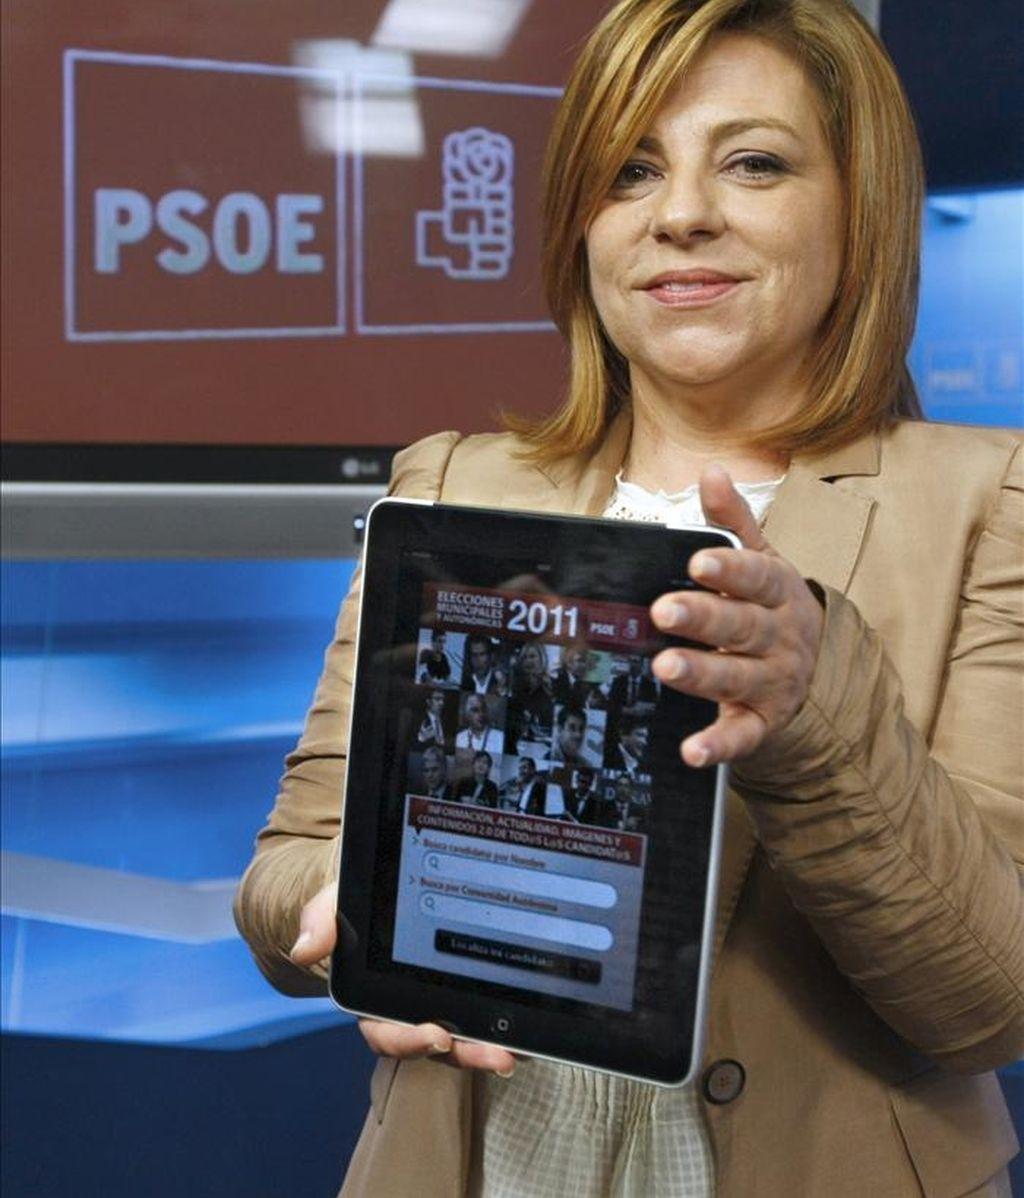 La portavoz del Comité Electoral del PSOE, Elena Valenciano, muestra en una computadora los detalles de la campaña electoral que va a protagonizar este partido ante los comicios municipales y autonómicos del 22 de mayo EFE